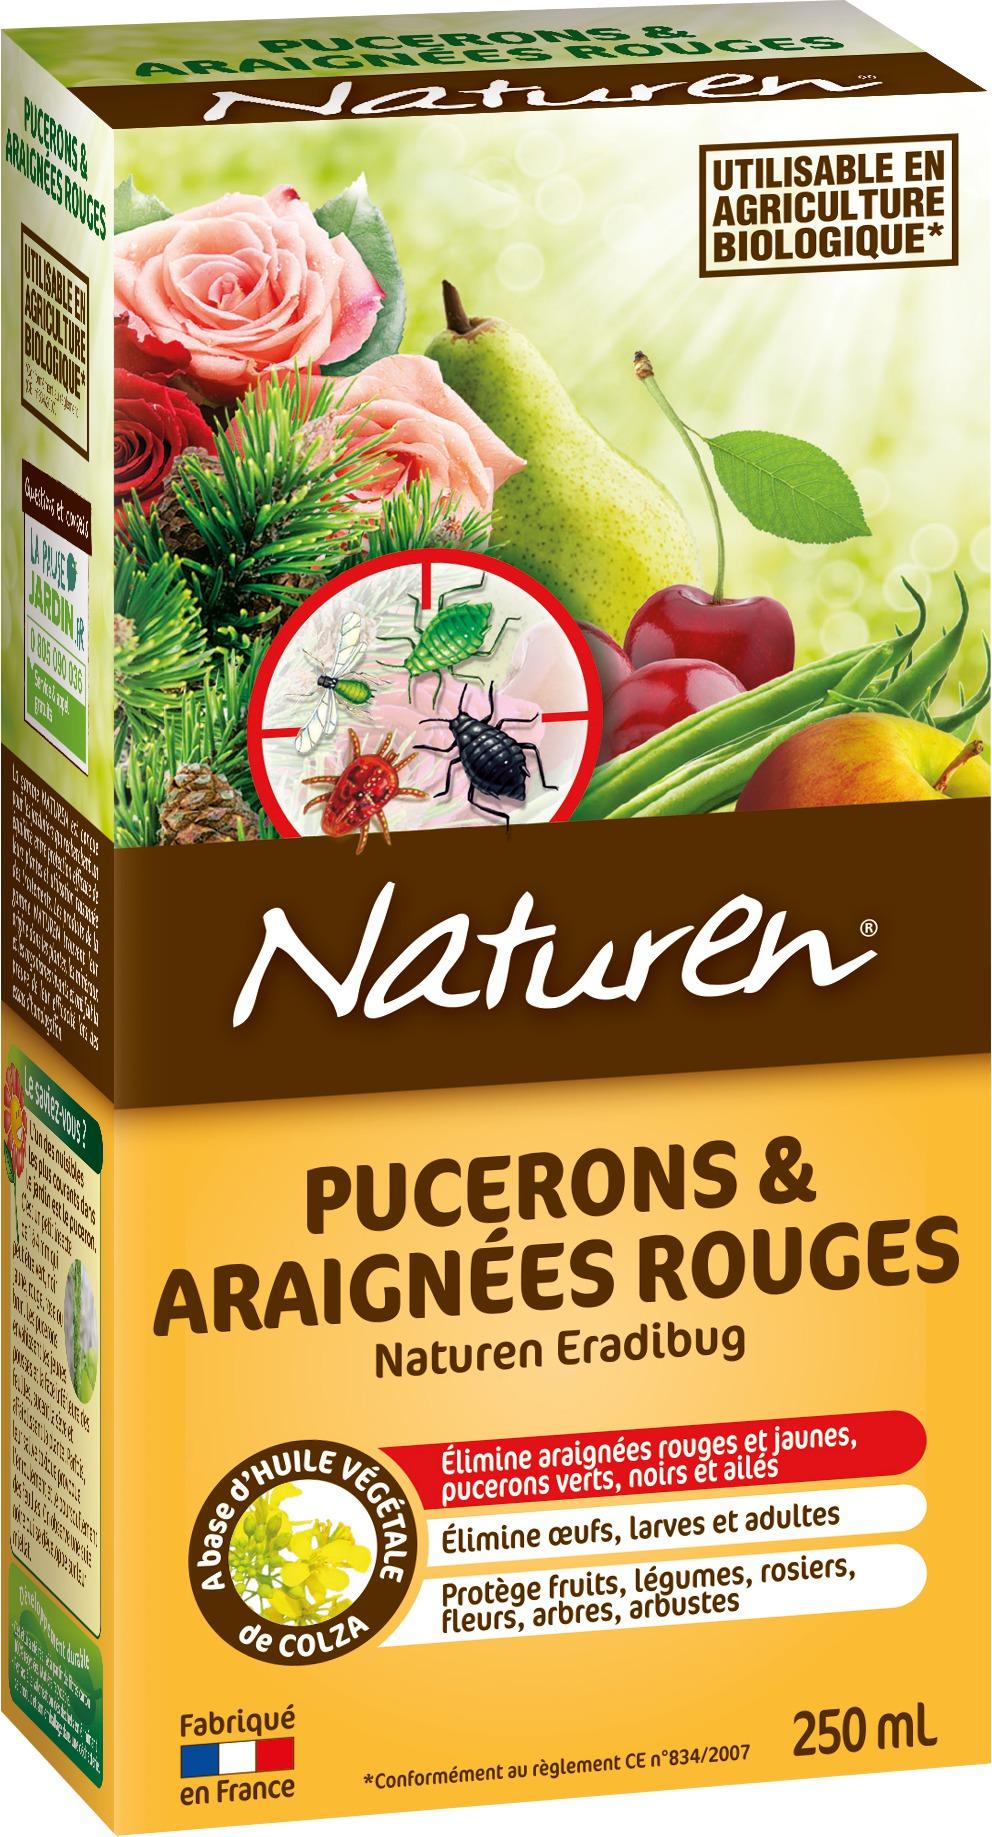 Pucerons et araignées rouges concentré Naturen - 250 ml